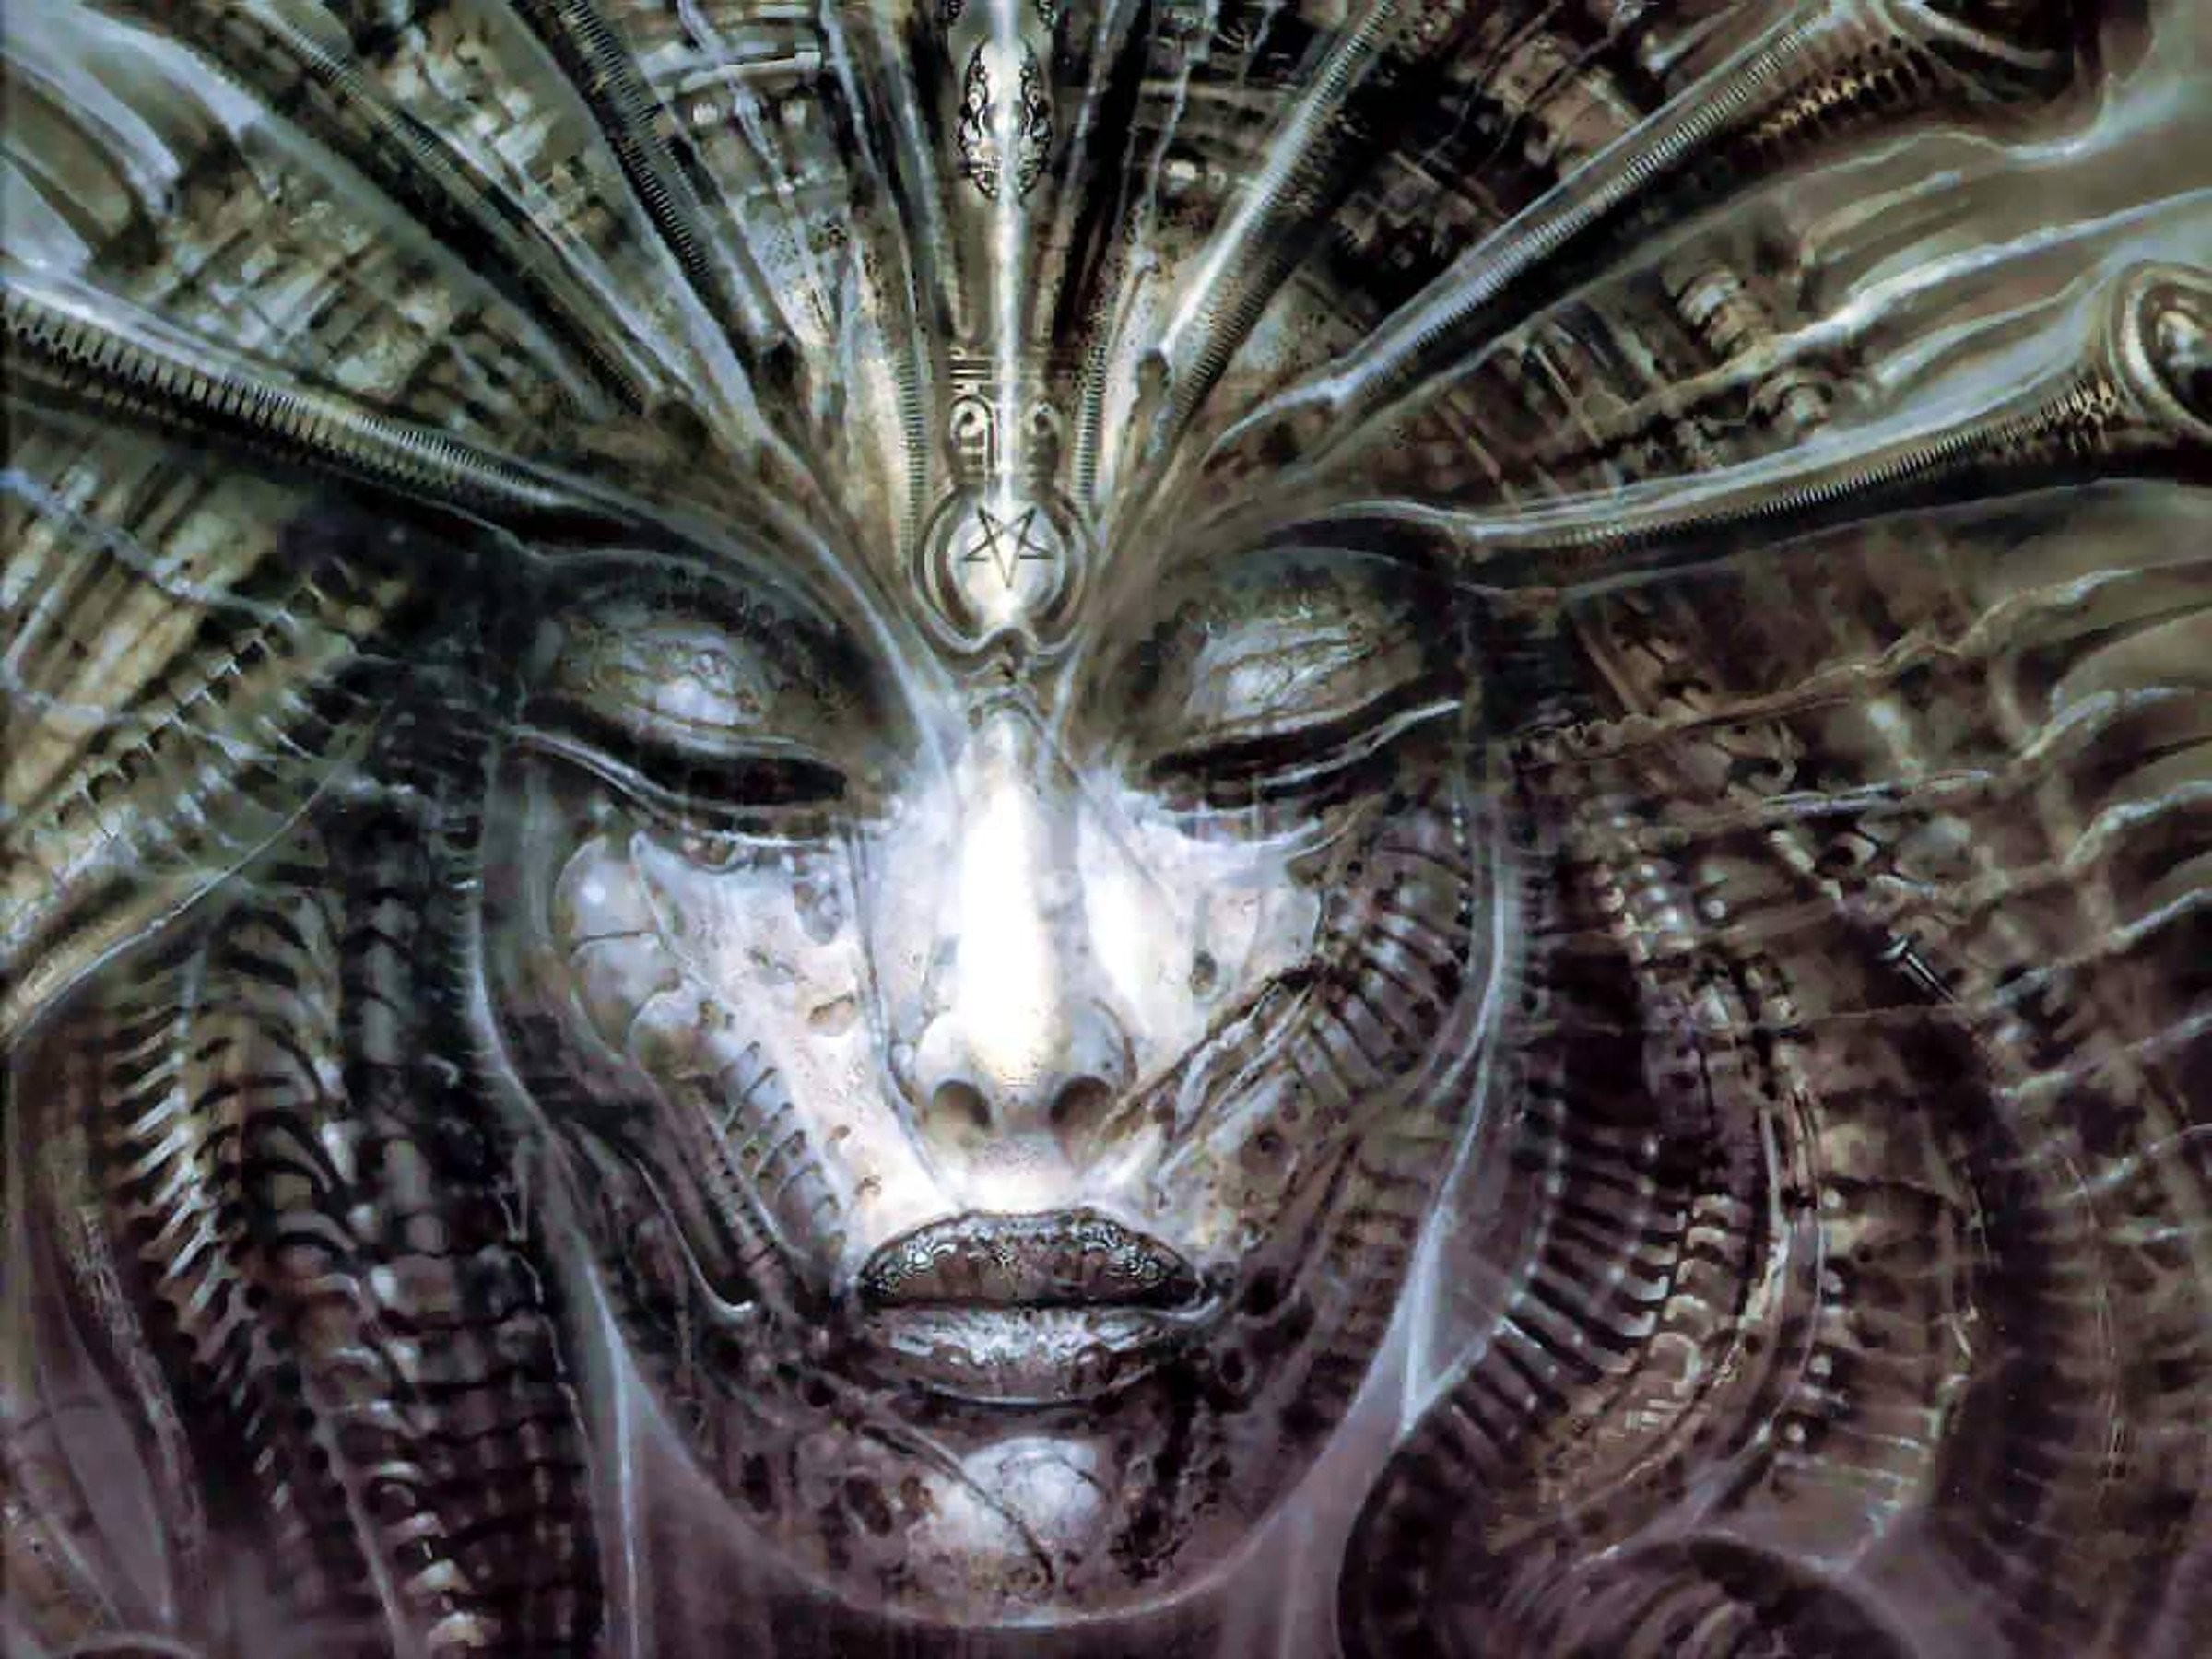 Hr Giger Wallpaper (74+ images) H.r. Giger Alien Wallpaper